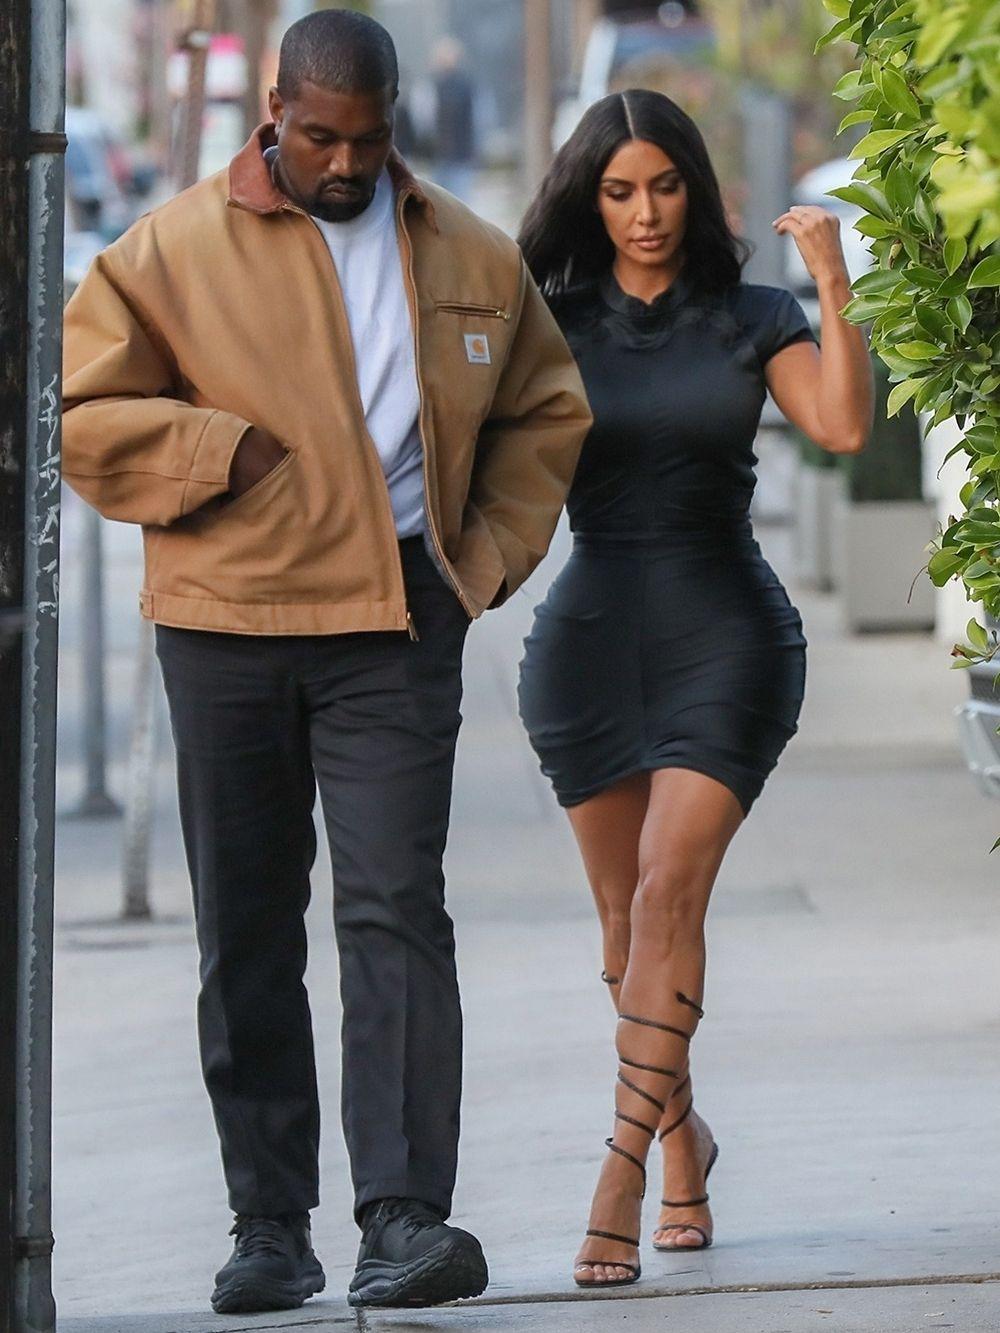 Kim Kardashian Kanye West S Hottest Couple Moments Photos Kim Kardashian Kanye West Kim Kardashian Outfits Kim Kardashian And Kanye